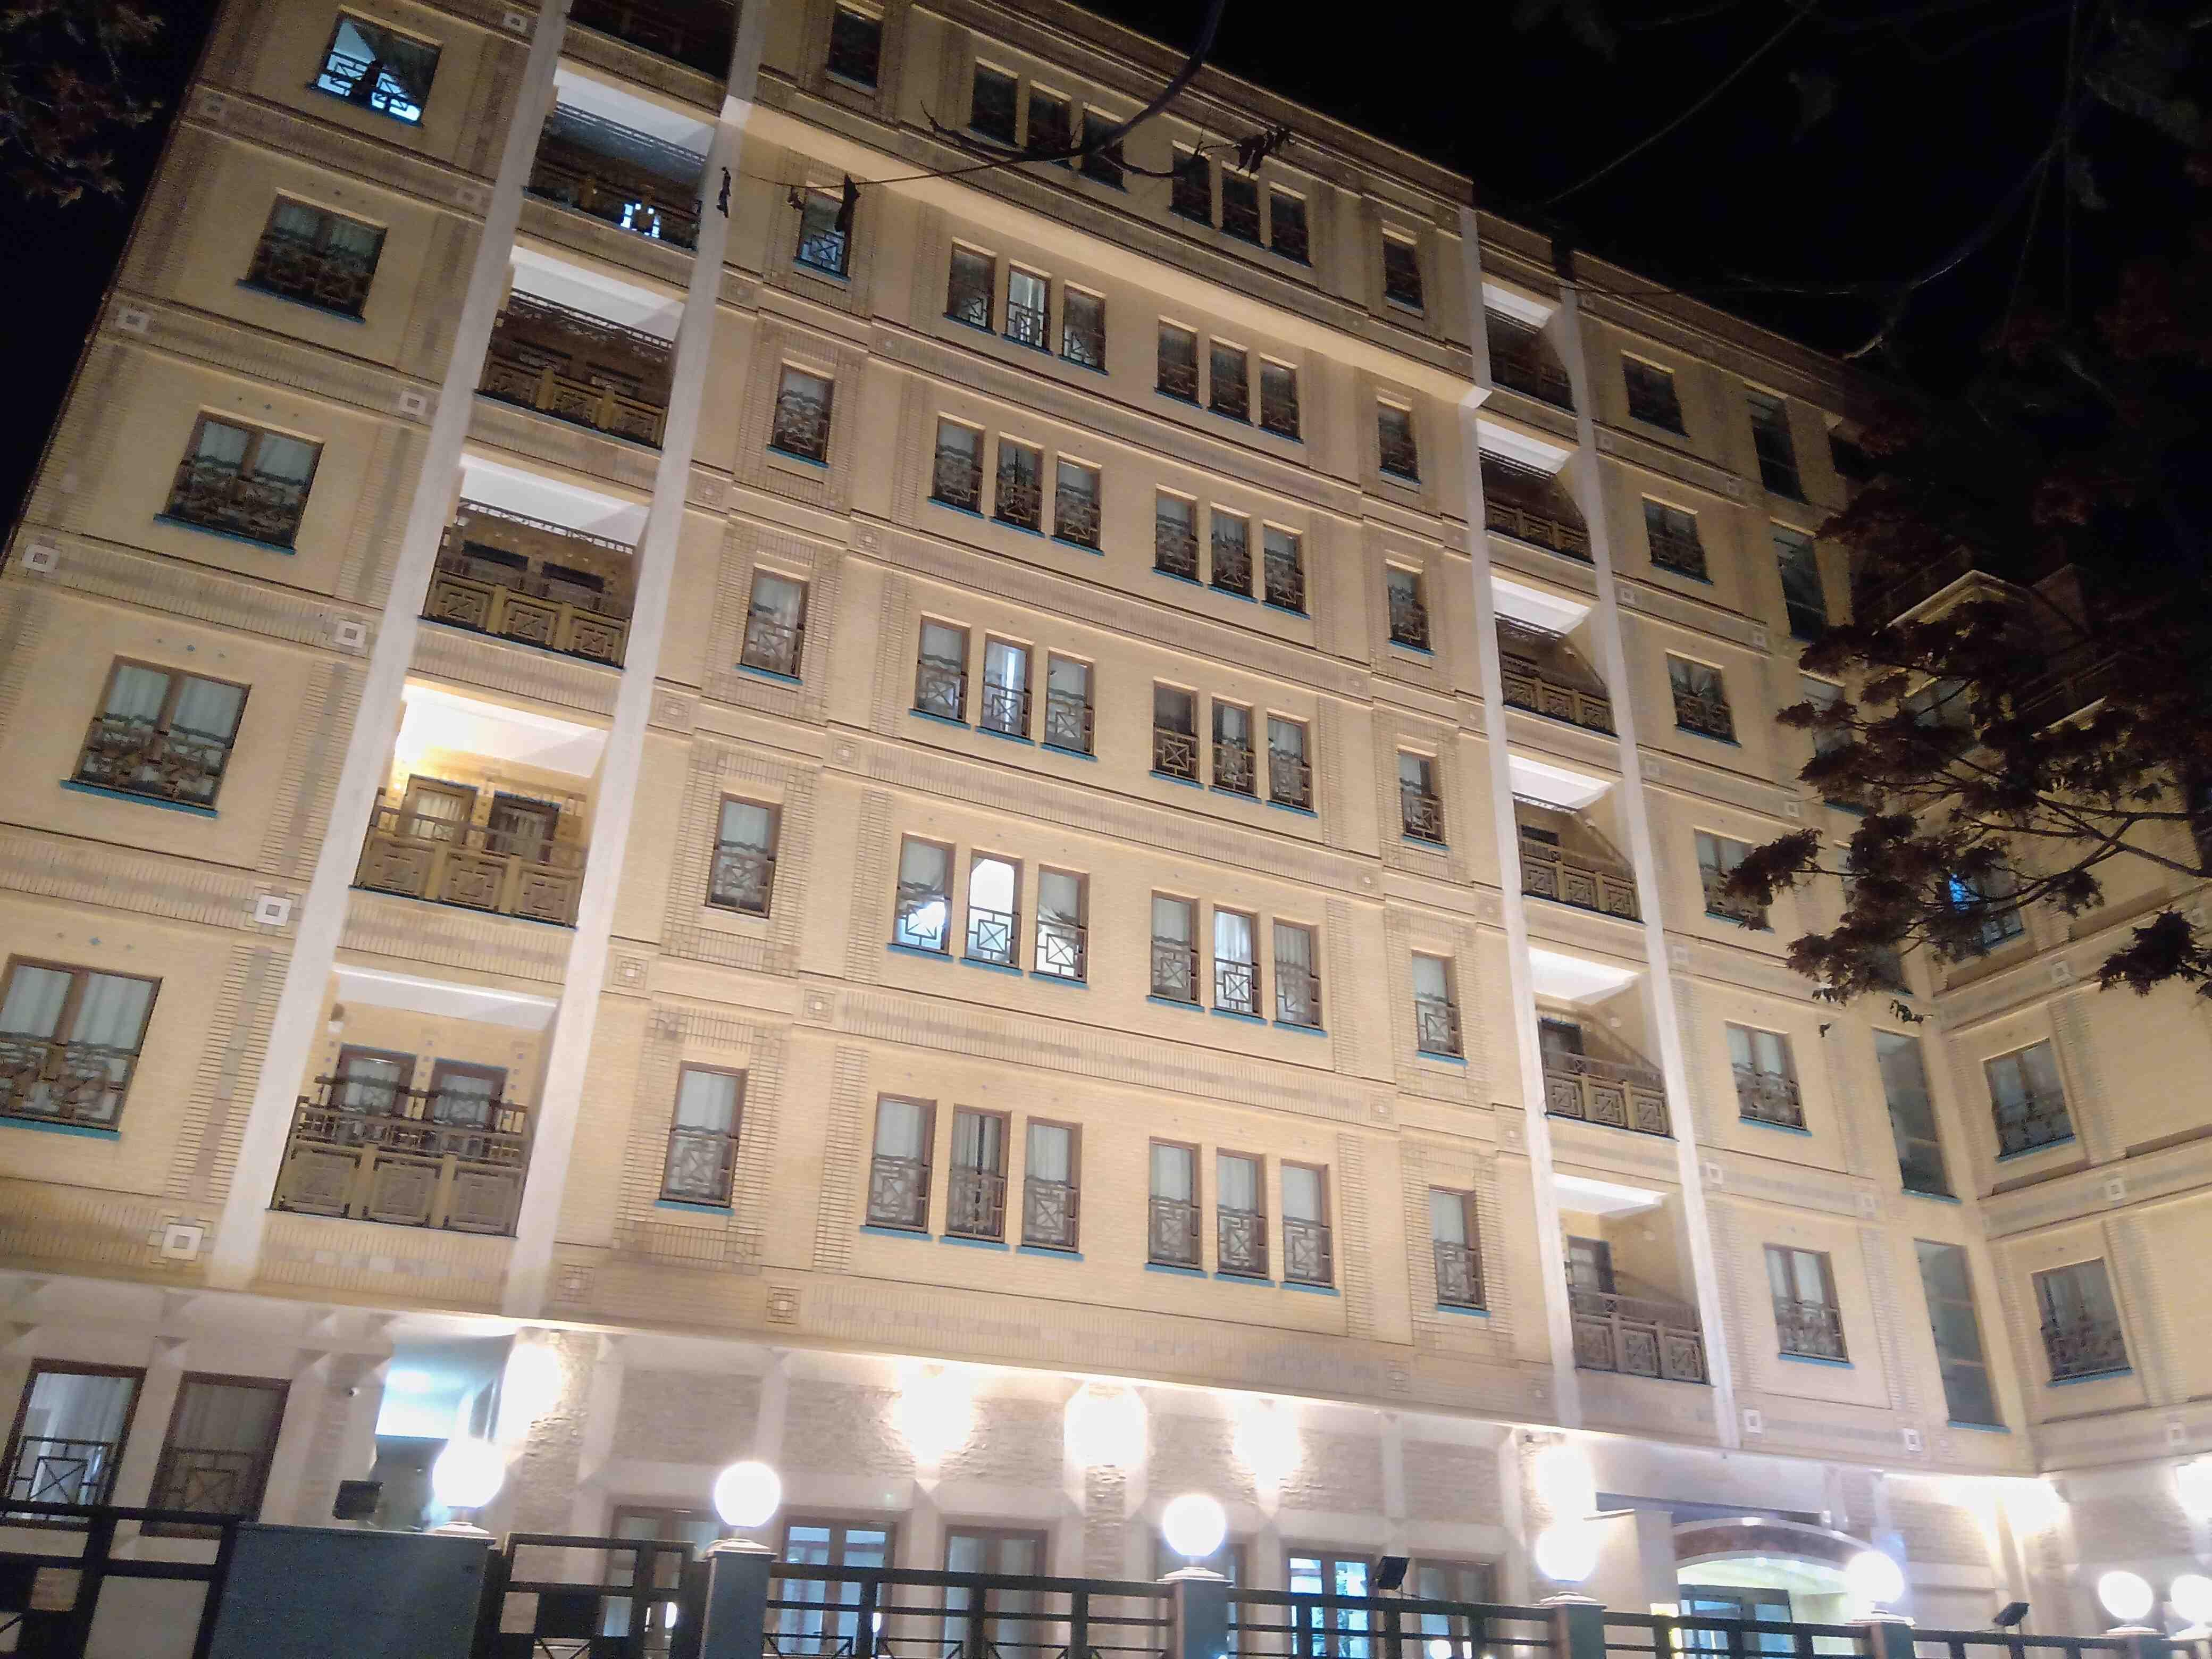 شهری هتل آپارتمان در میدان بسیج مشهد